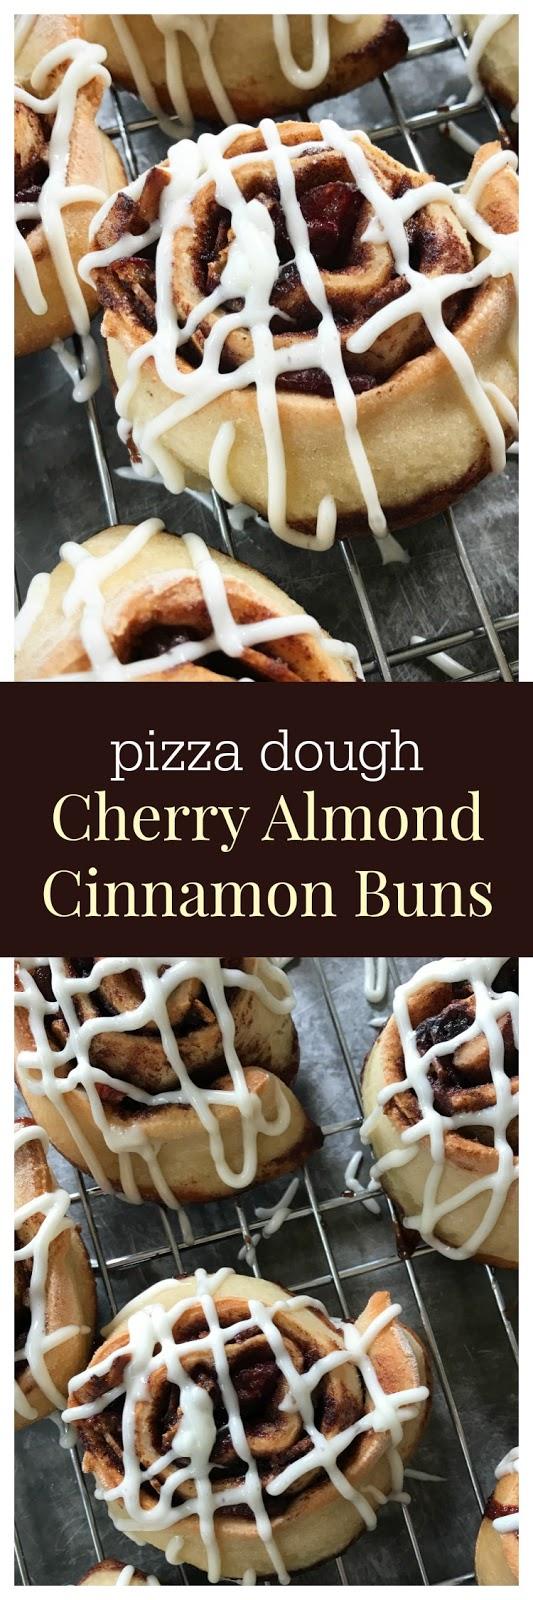 cherry almond cinnamon roll pizza dough recipe